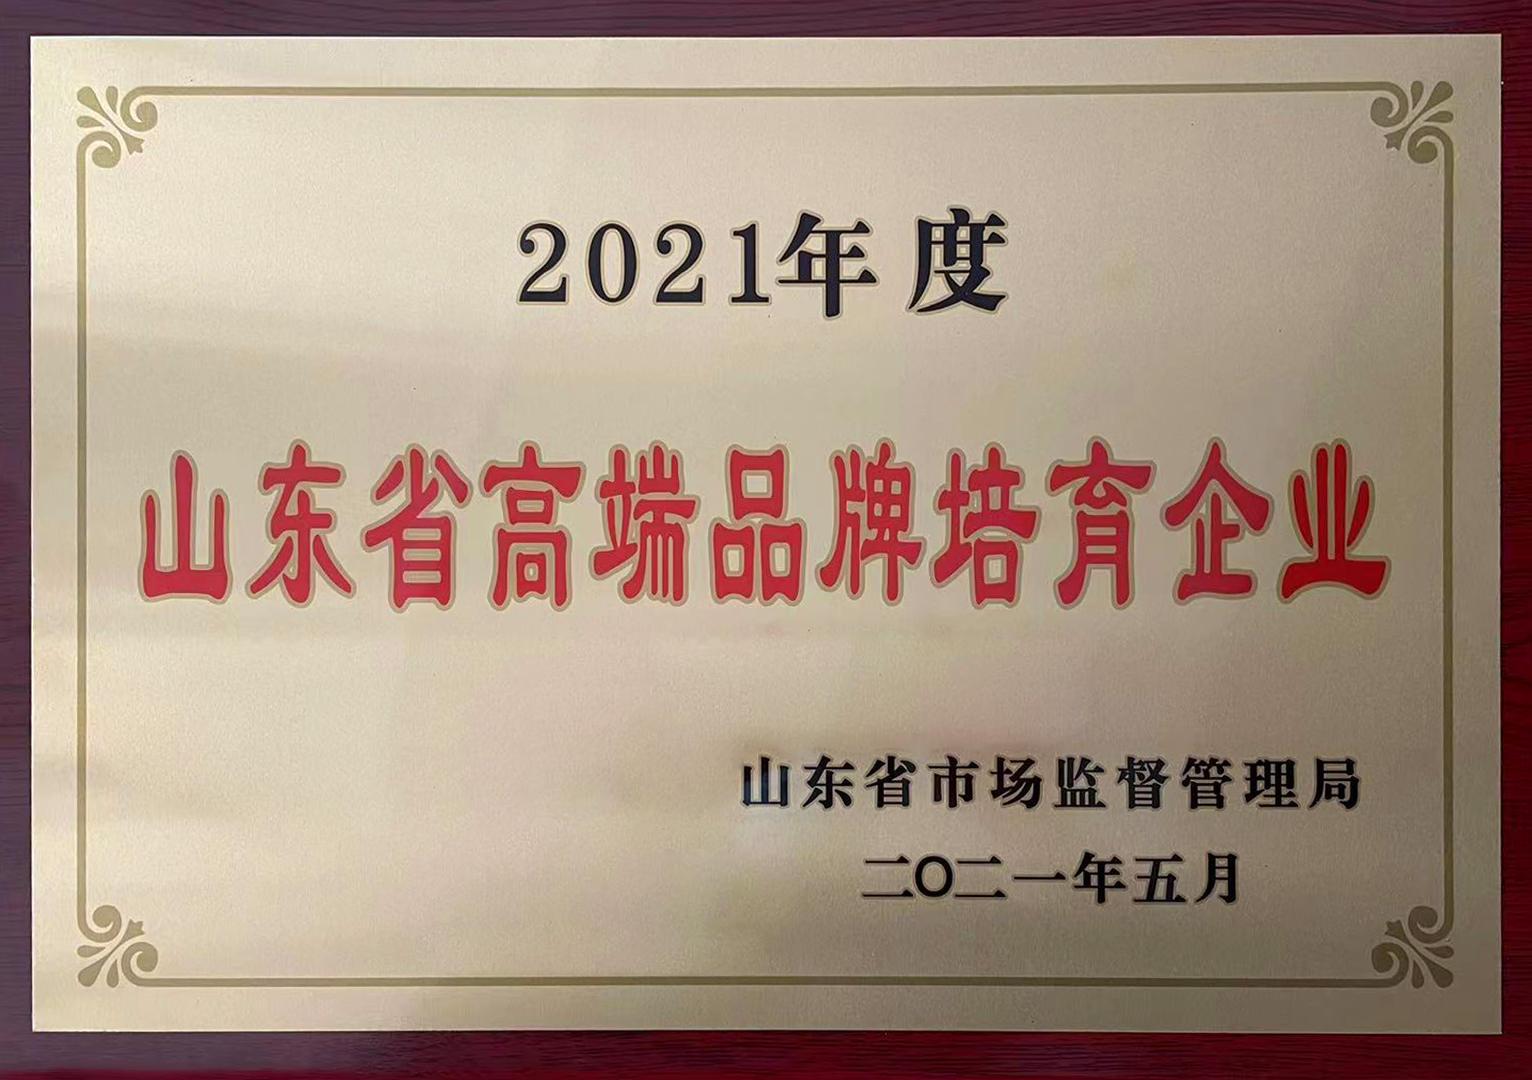 山东省高端品牌培育企业评选公布,海尔空调在列